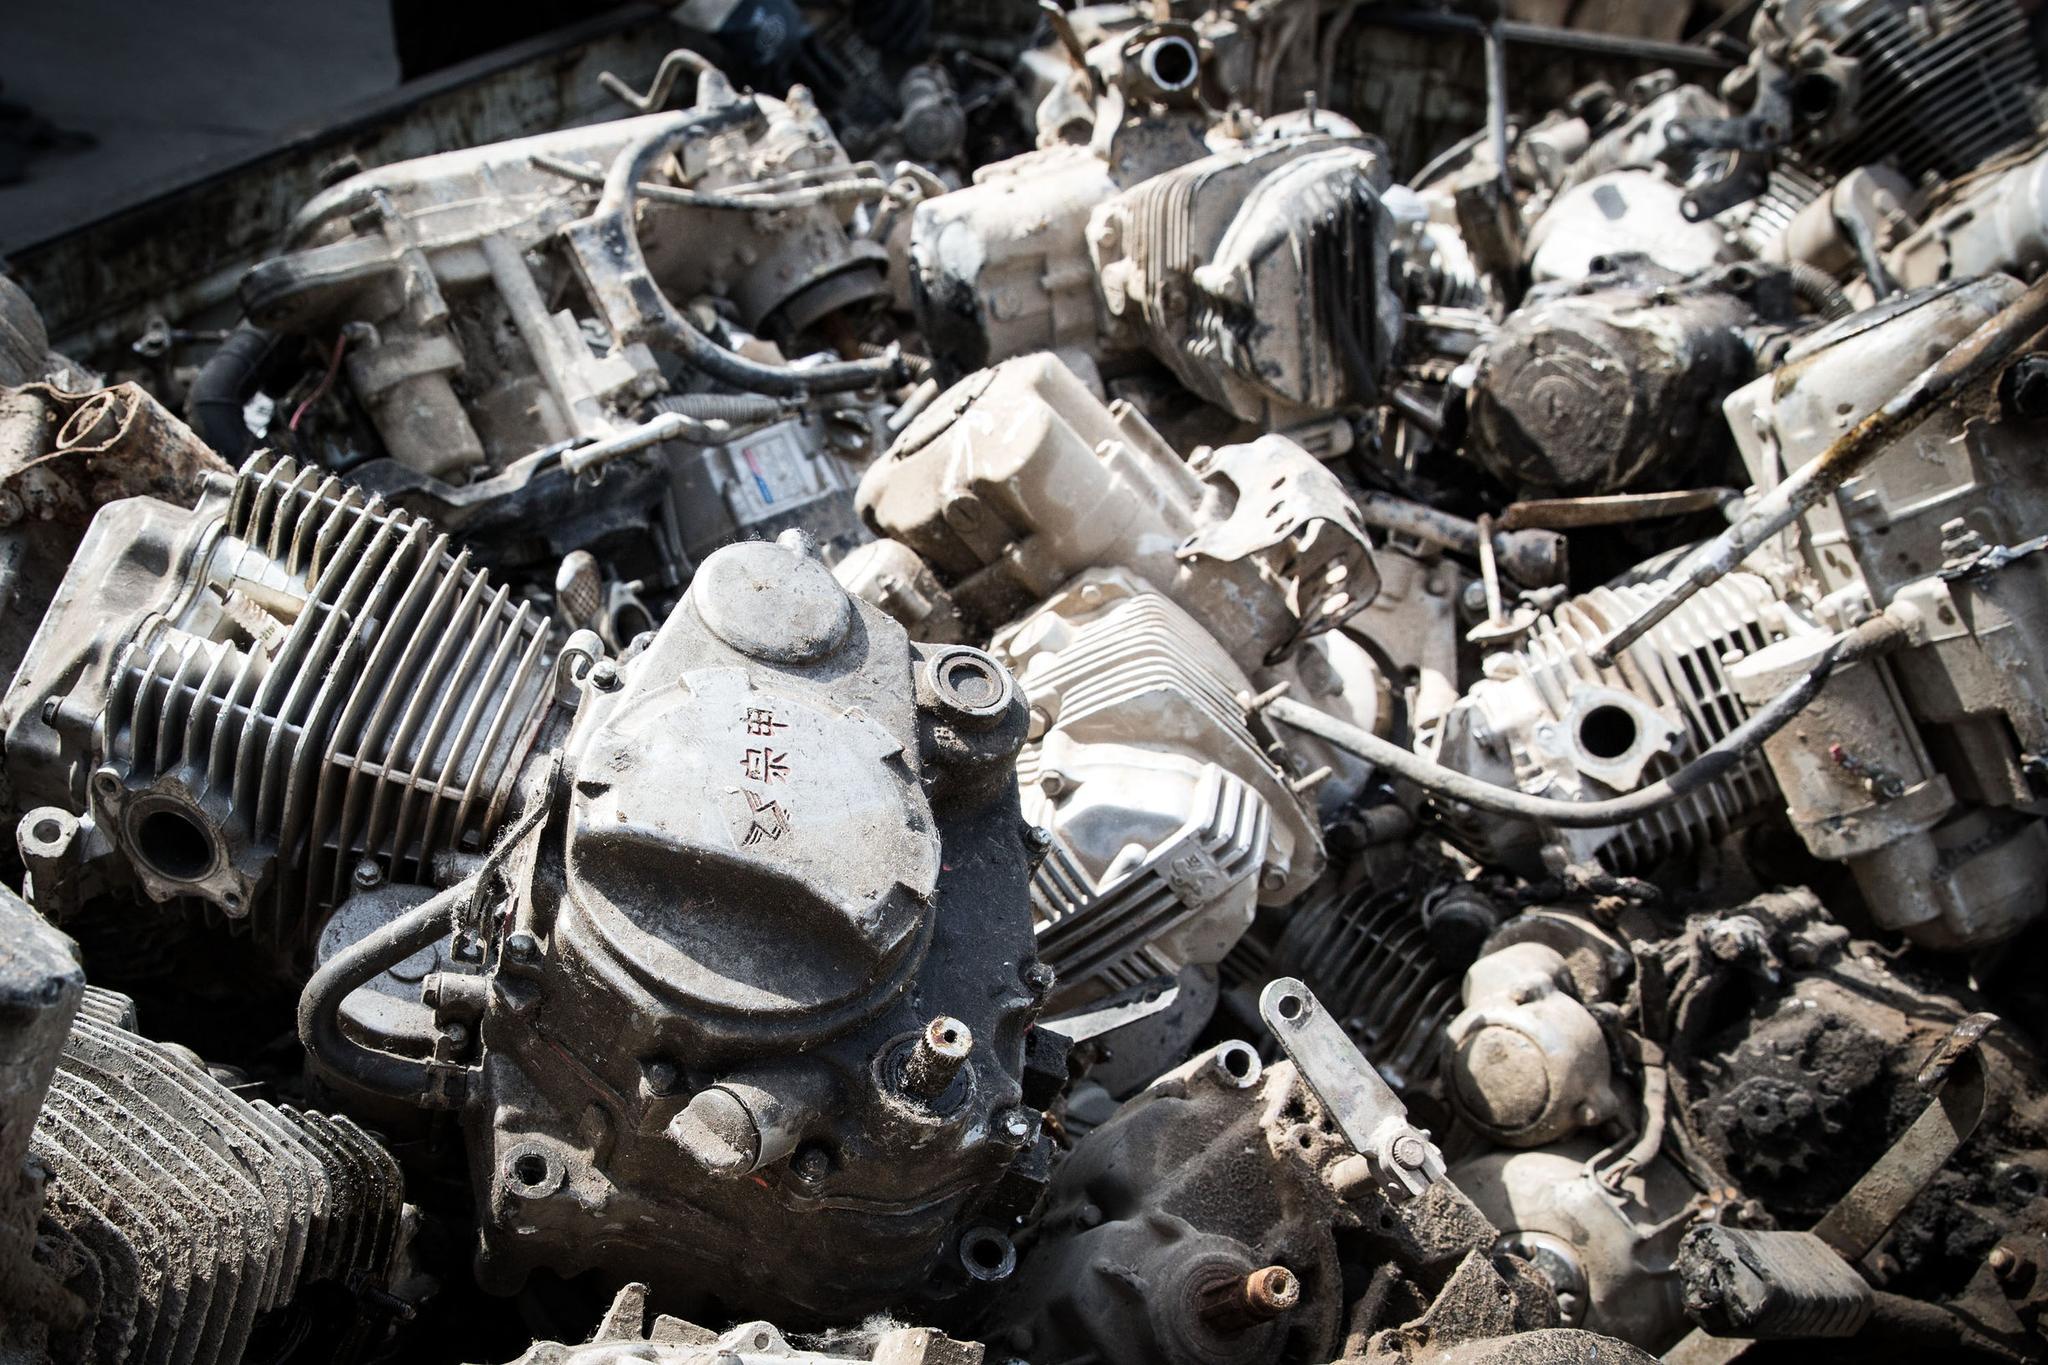 废旧摩托车被送到回收站做拆解处理,发动机堆